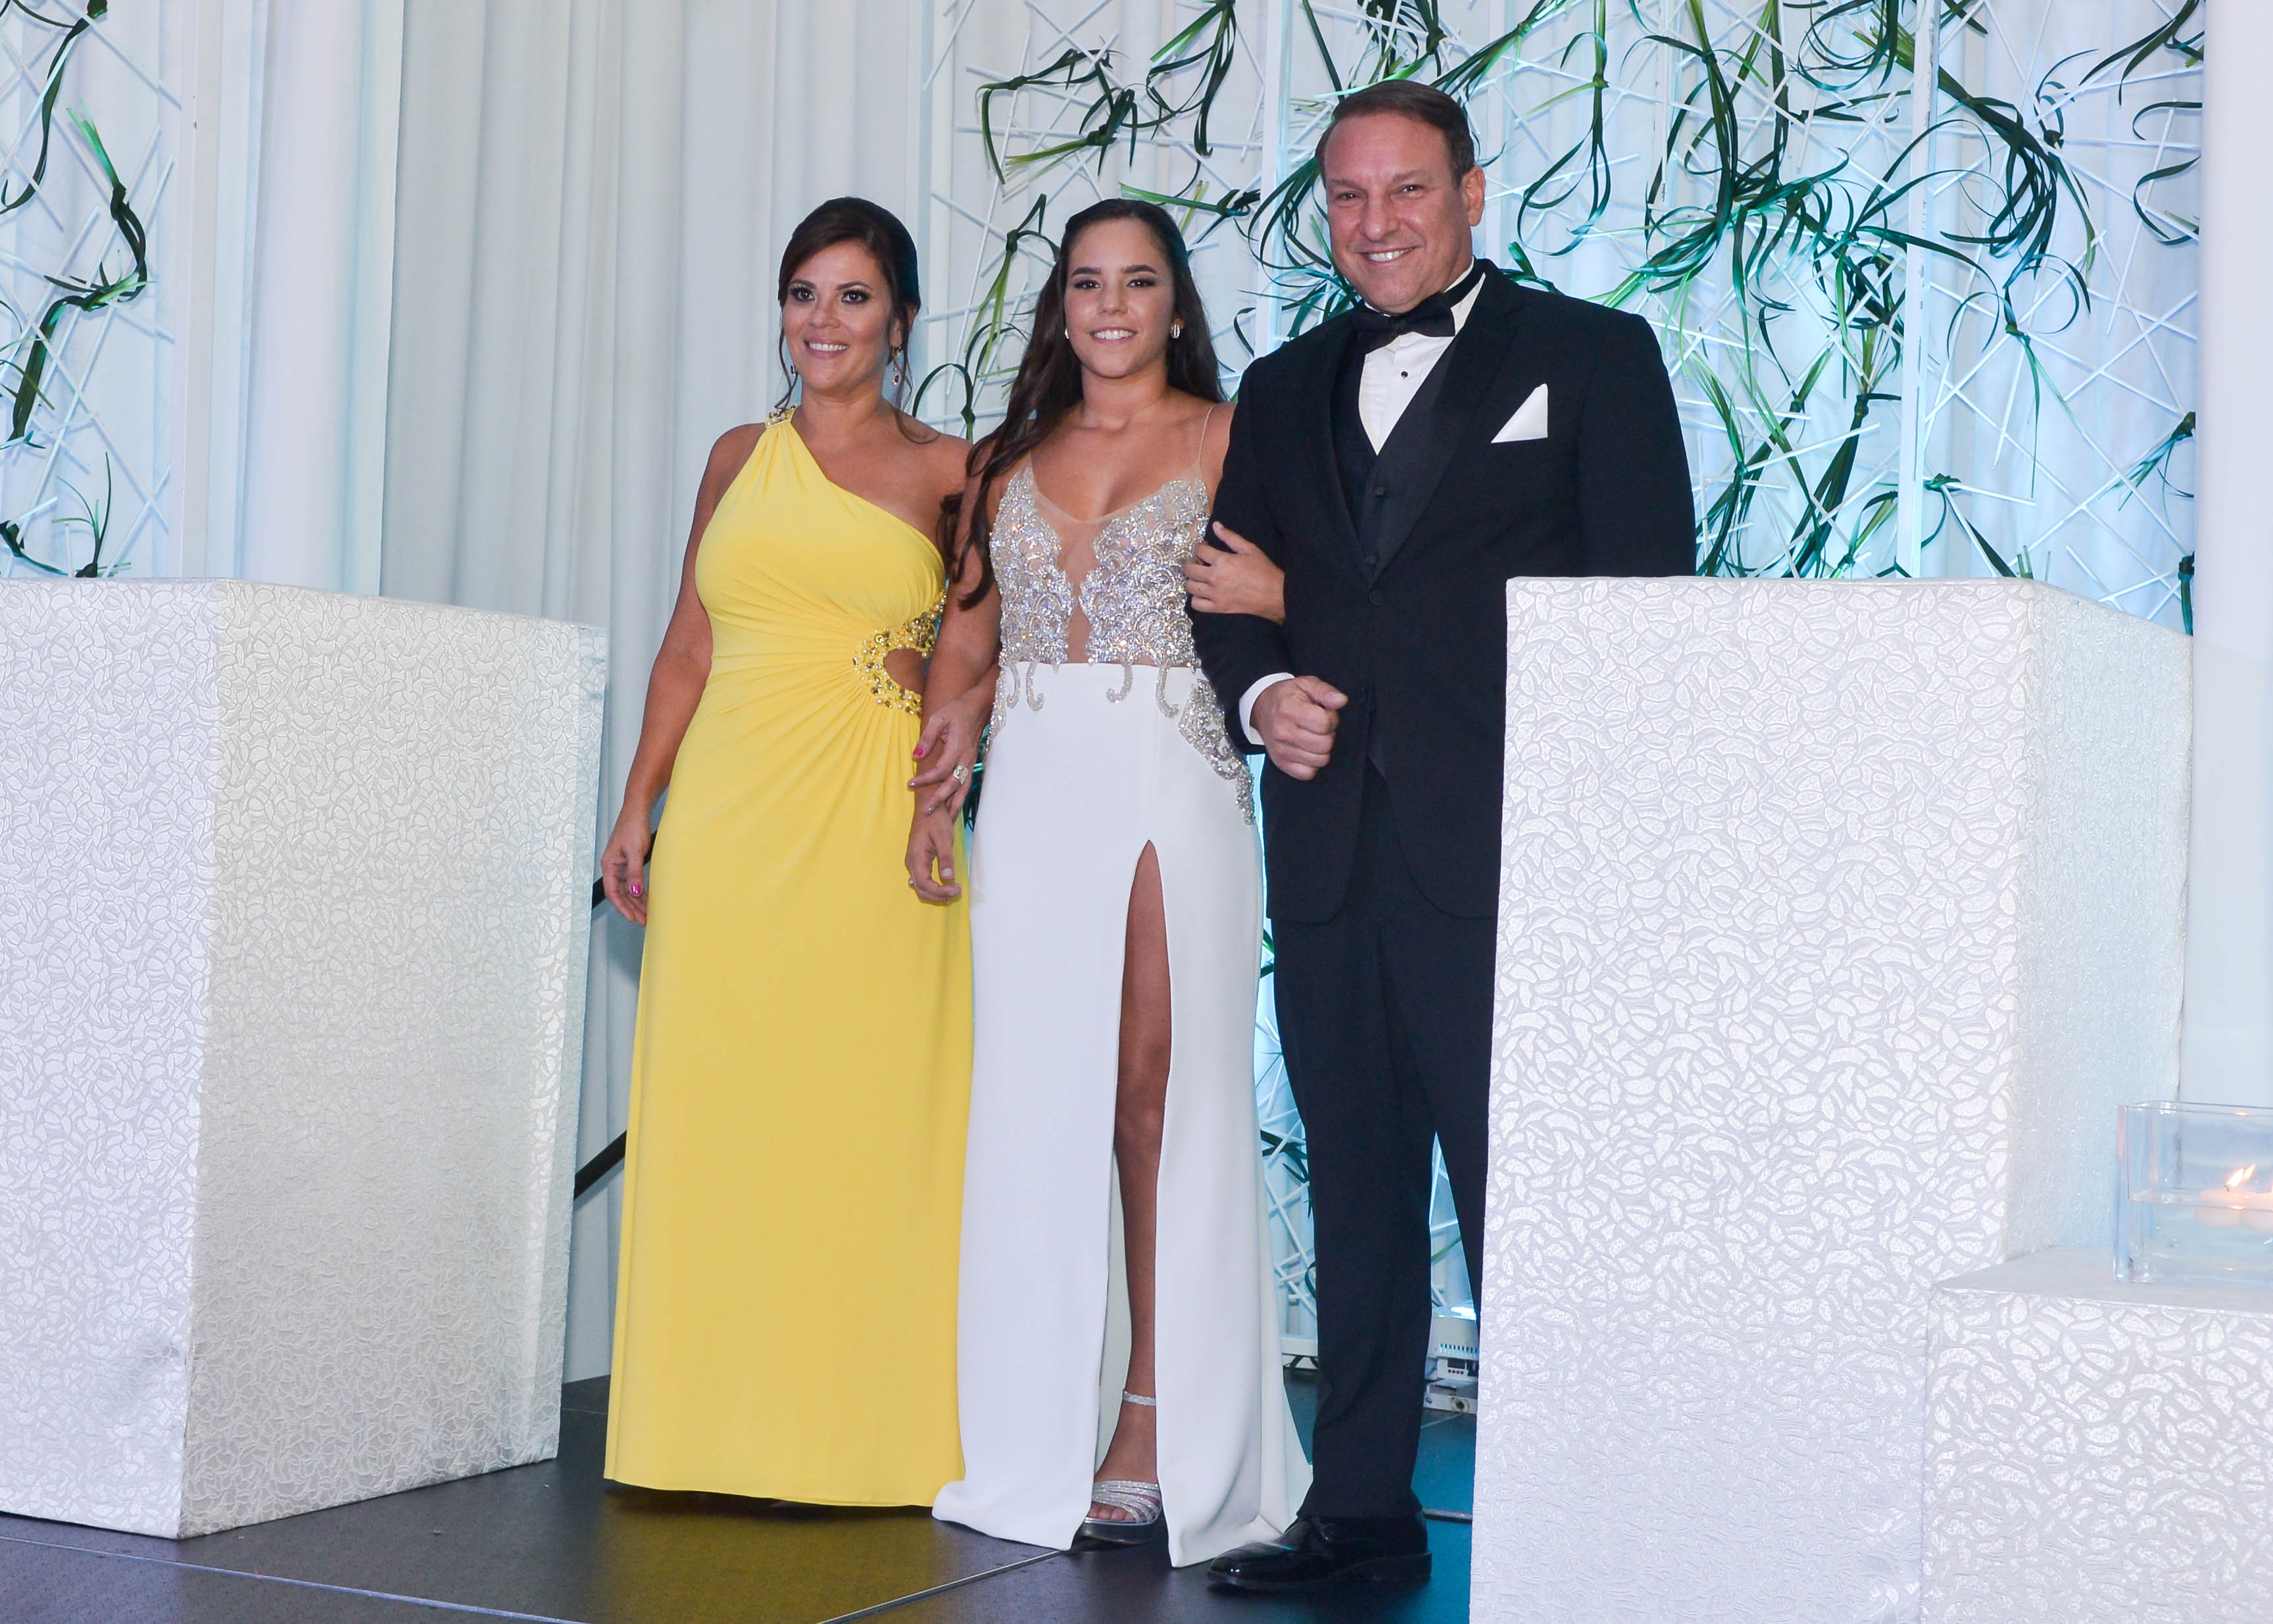 Isabel Magriñá desfila con María López y Javier Magriñá.Foto Enid M. Salgado Mercado.